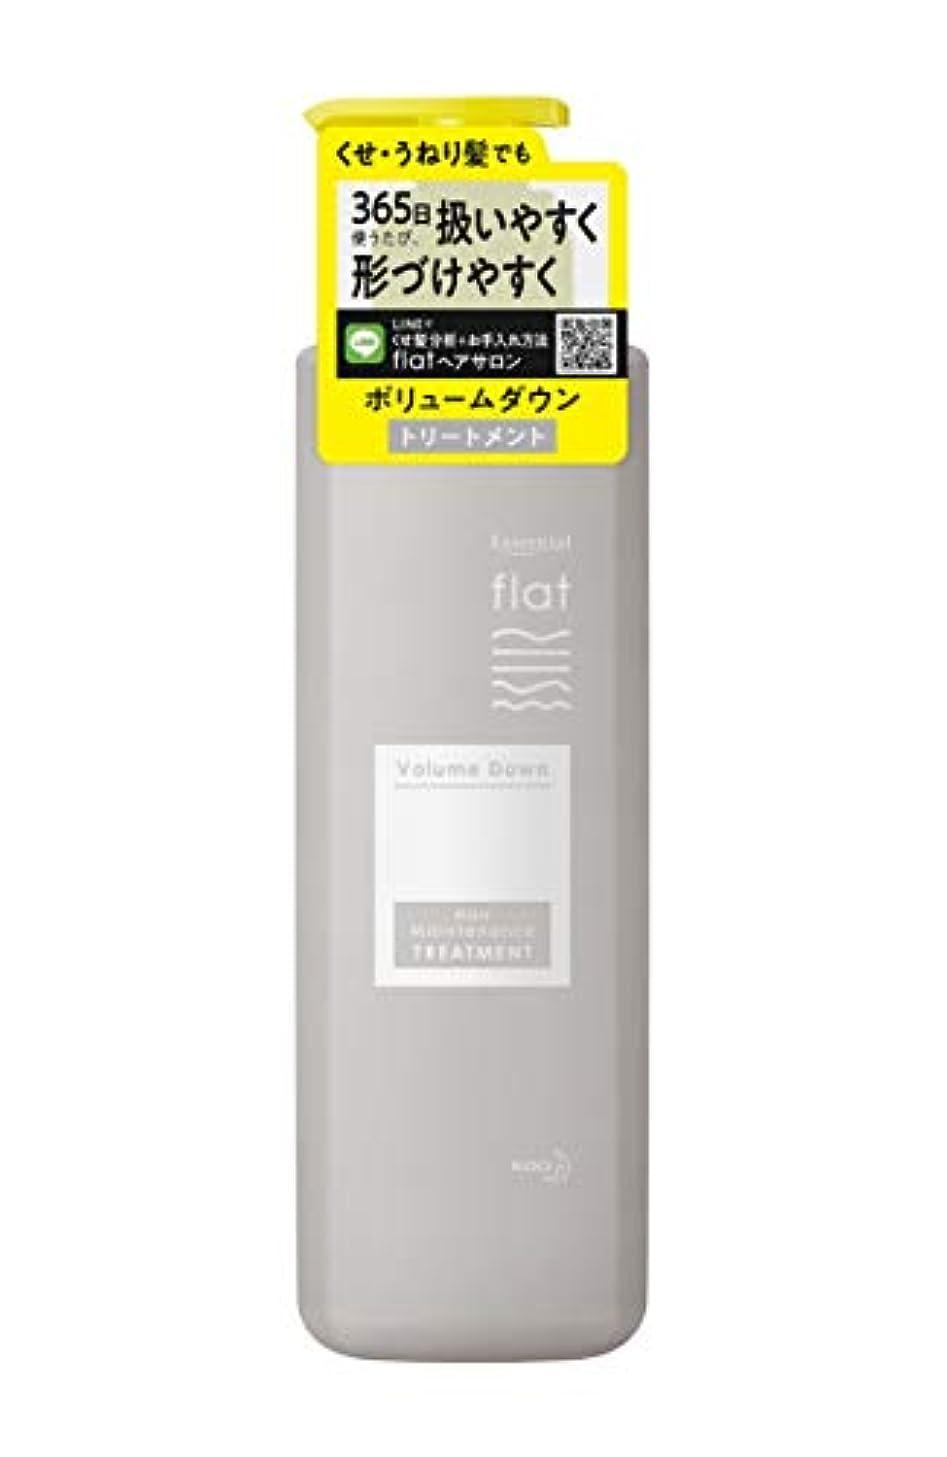 ケープハードウェアコントローラflat(フラット) エッセンシャル フラット ボリュームダウン トリートメント くせ毛 うねり髪 毛先 広がりにくい ストレートヘア ときほぐし成分配合(整髪成分) ボトル 500ml